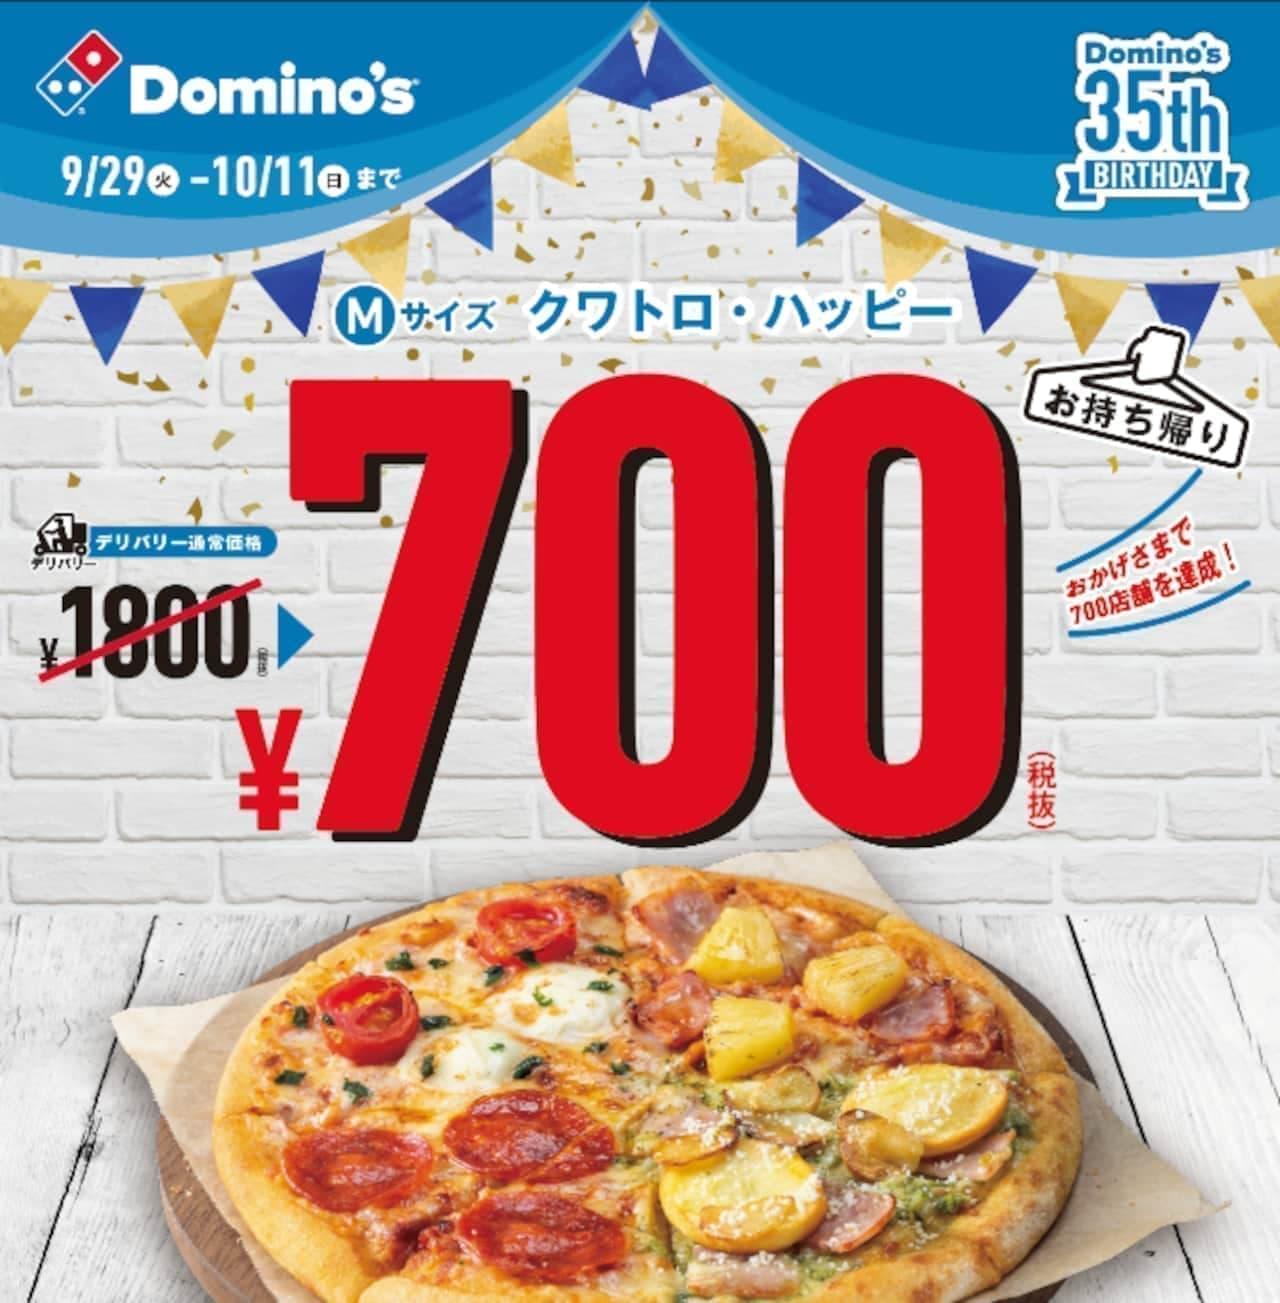 ドミノ・ピザ35周年「クワトロ・ハッピー」700円